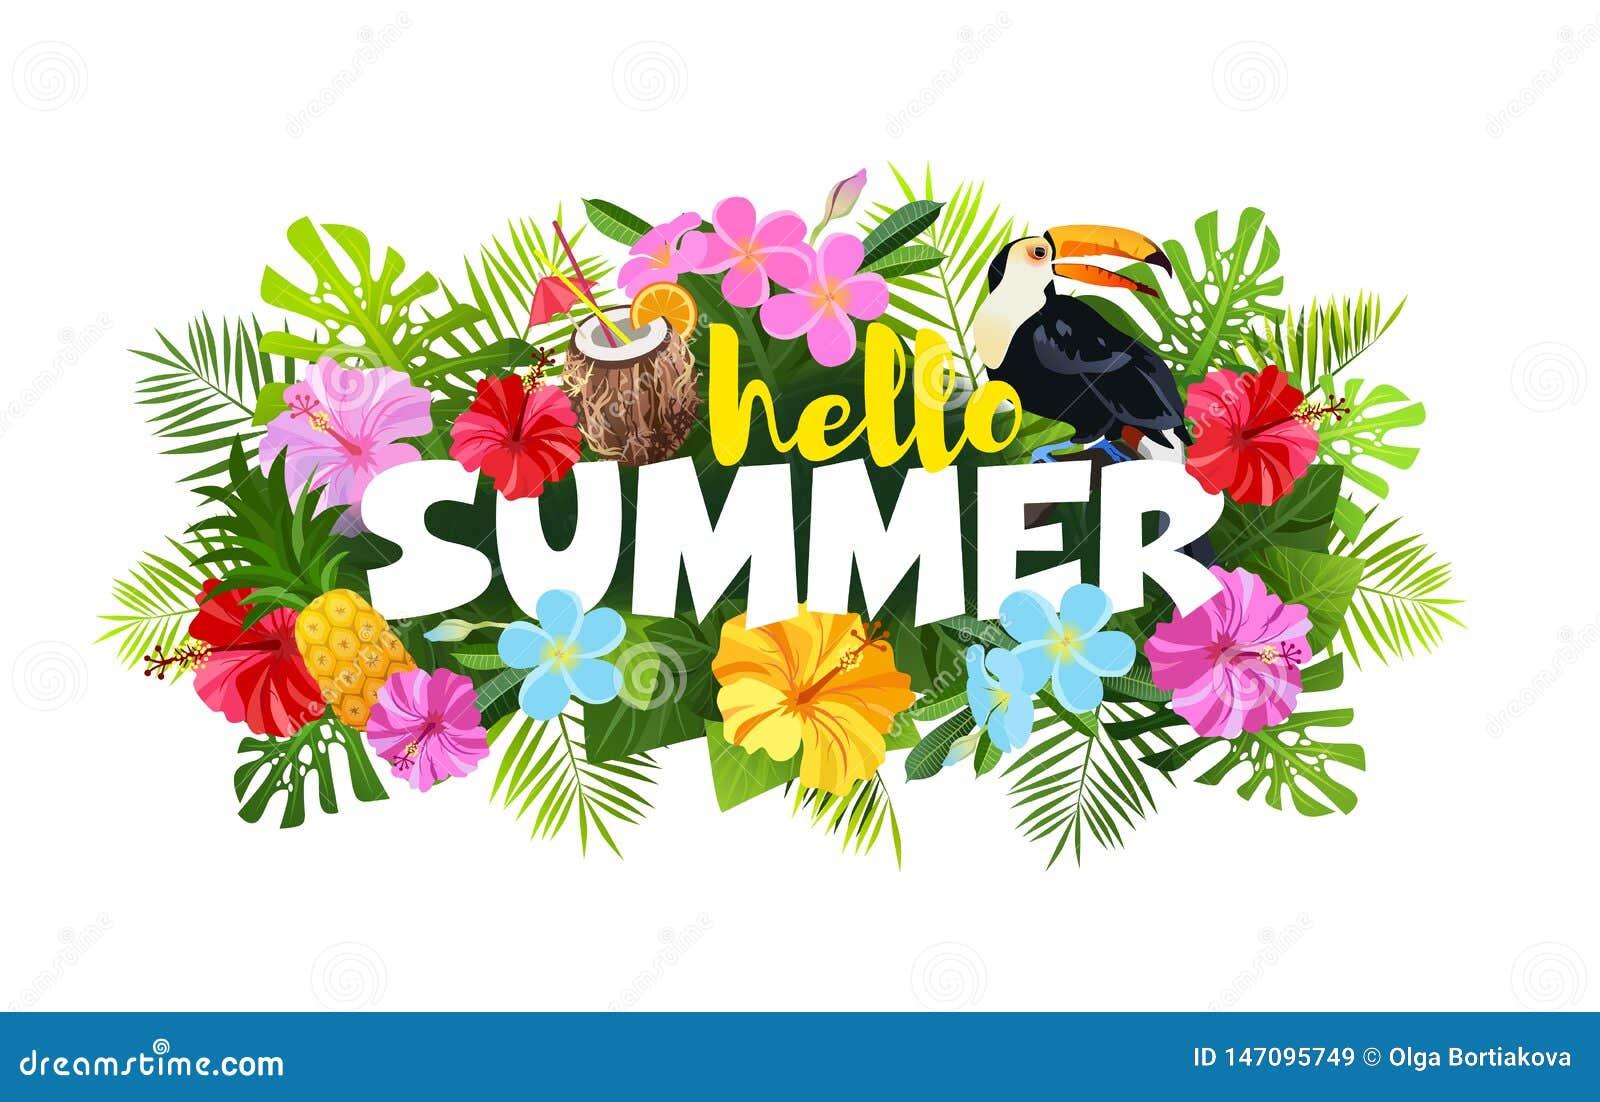 Olá! ilustração do vetor da composição do verão